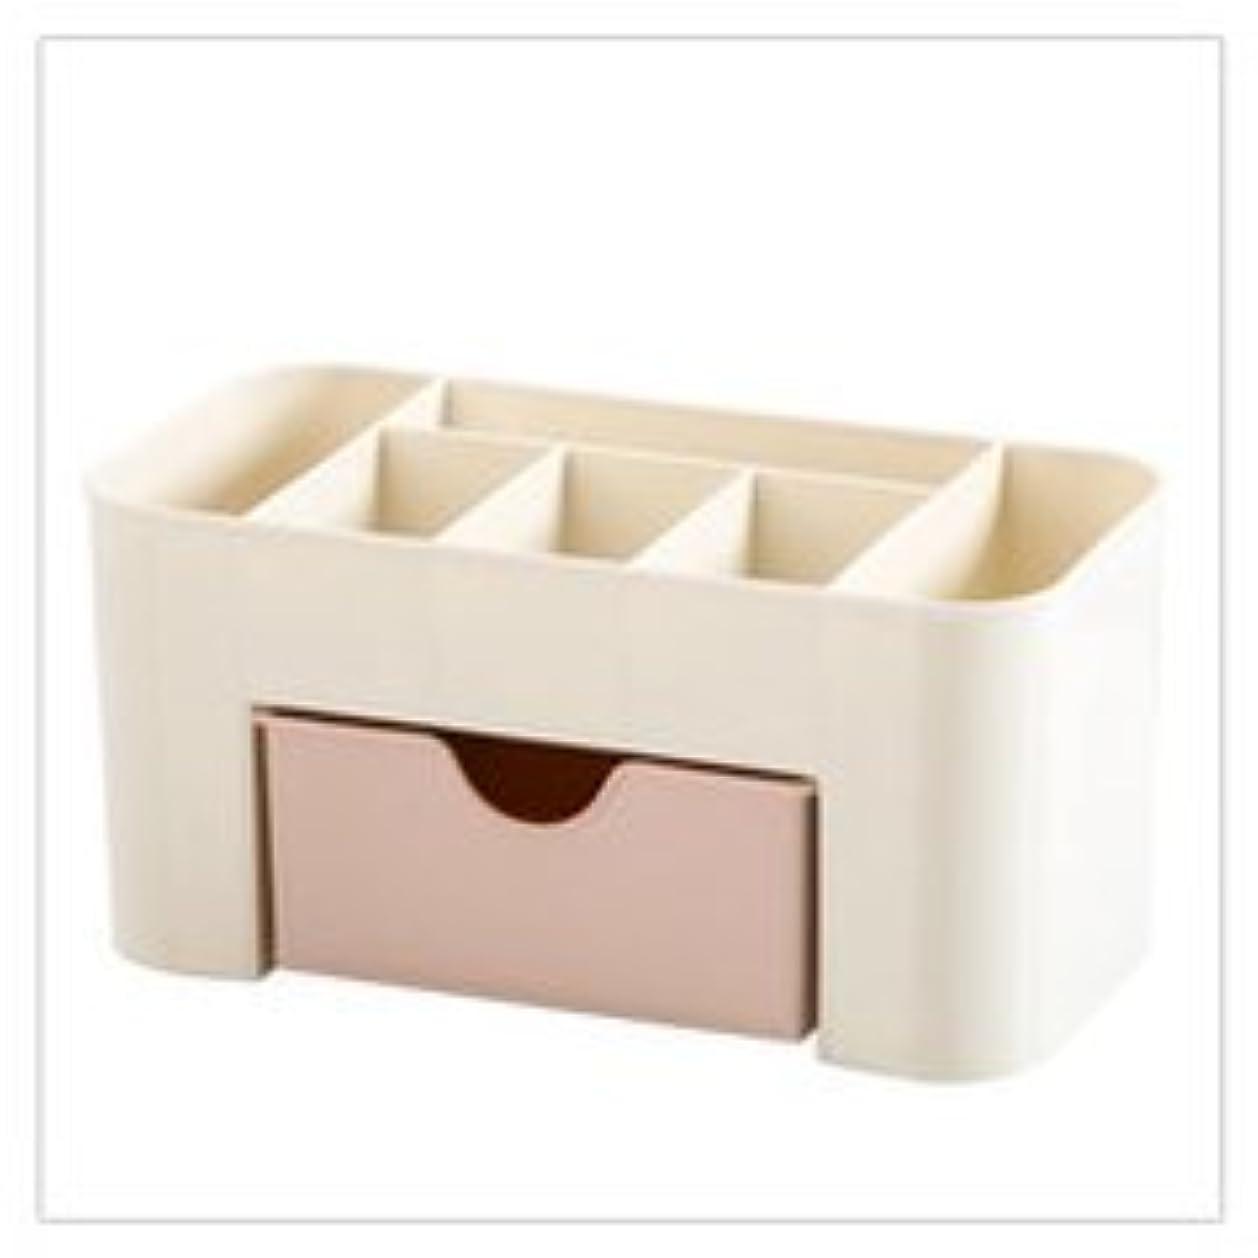 起点聖なる逆さまに化粧品収納ボックス化粧品引き出し仕上げボックスデスクトップジュエリースキンケアパックフレームドレッサー (Color : ピンク)